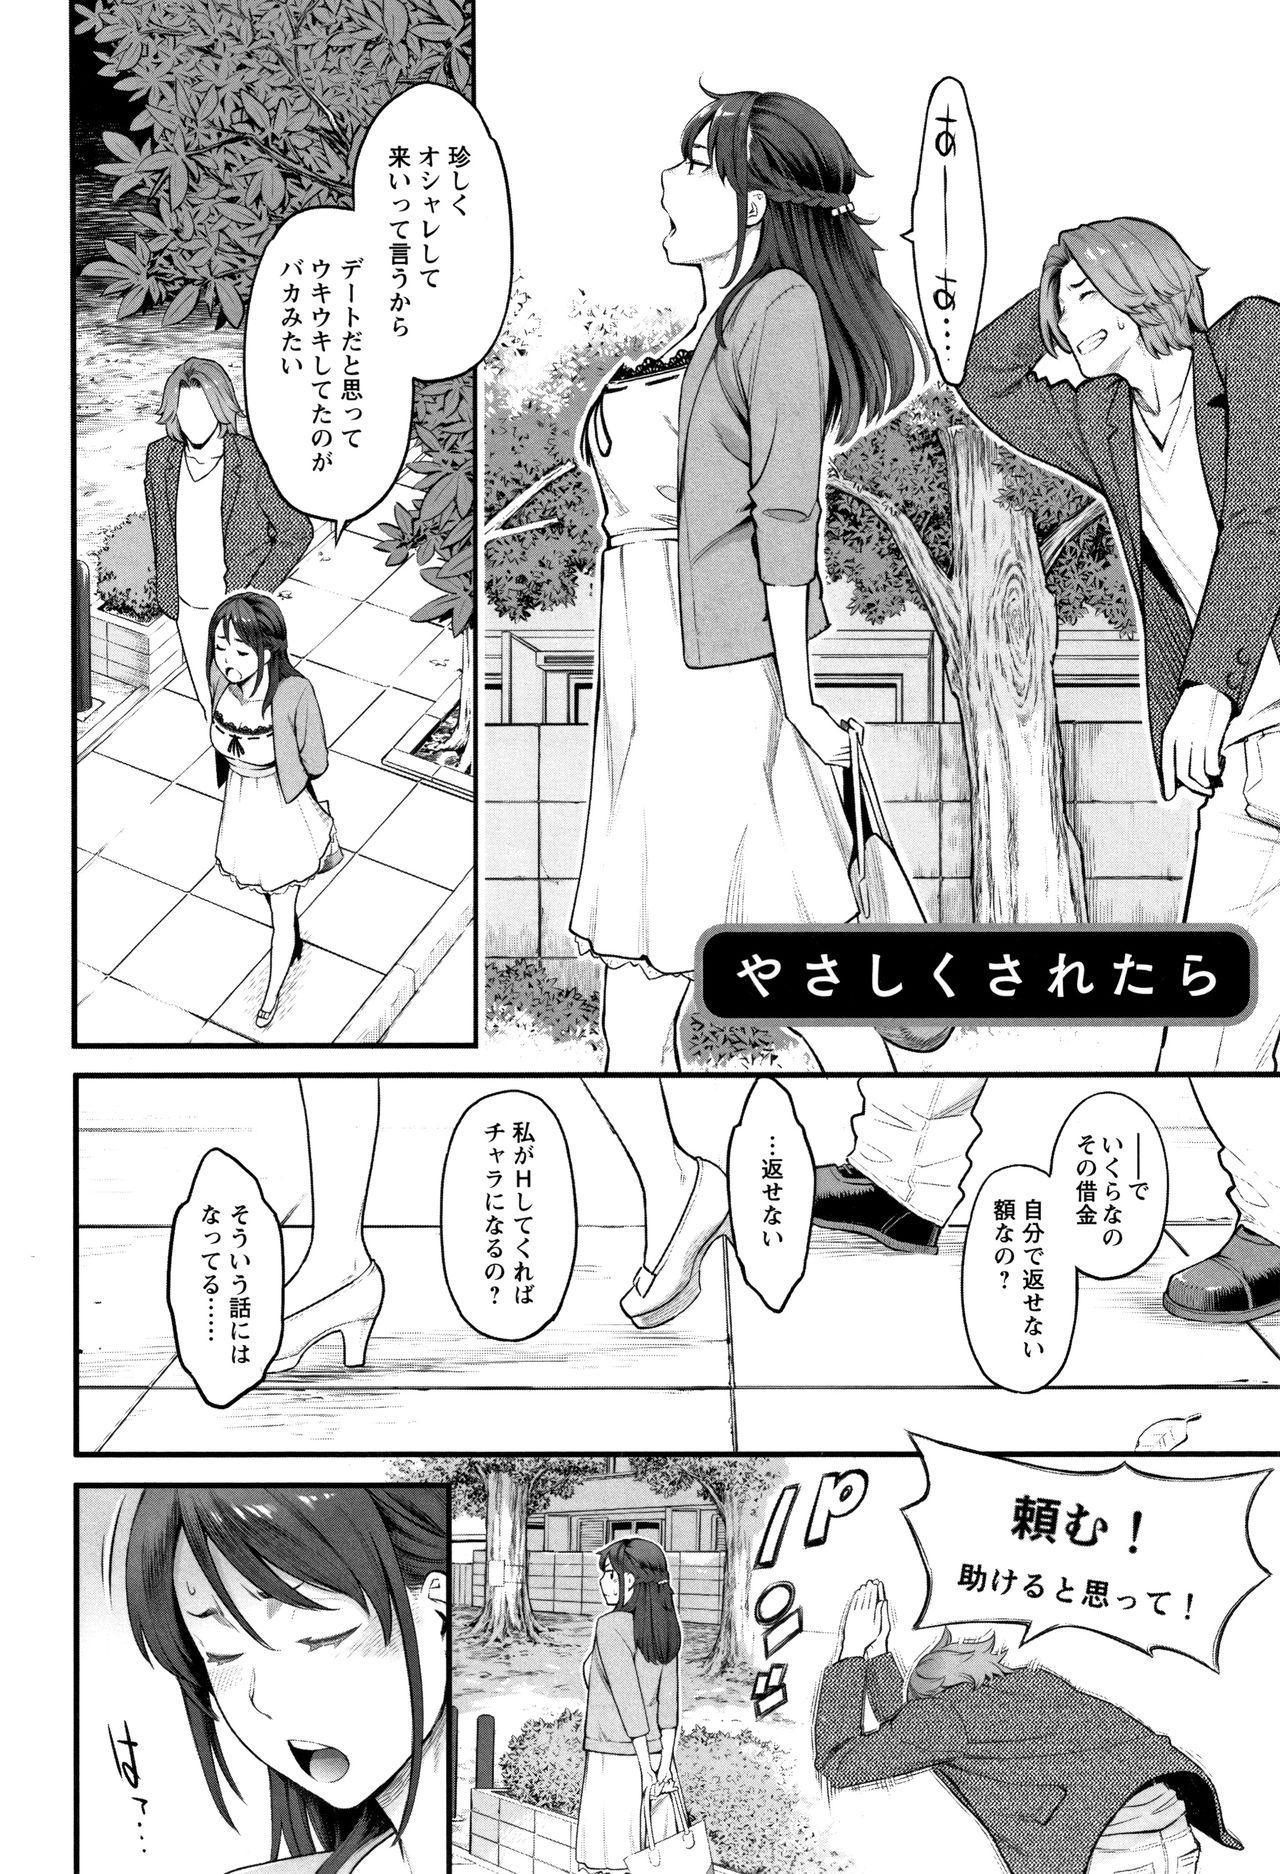 Toketa Risei wa Biyaku no Kaori 100